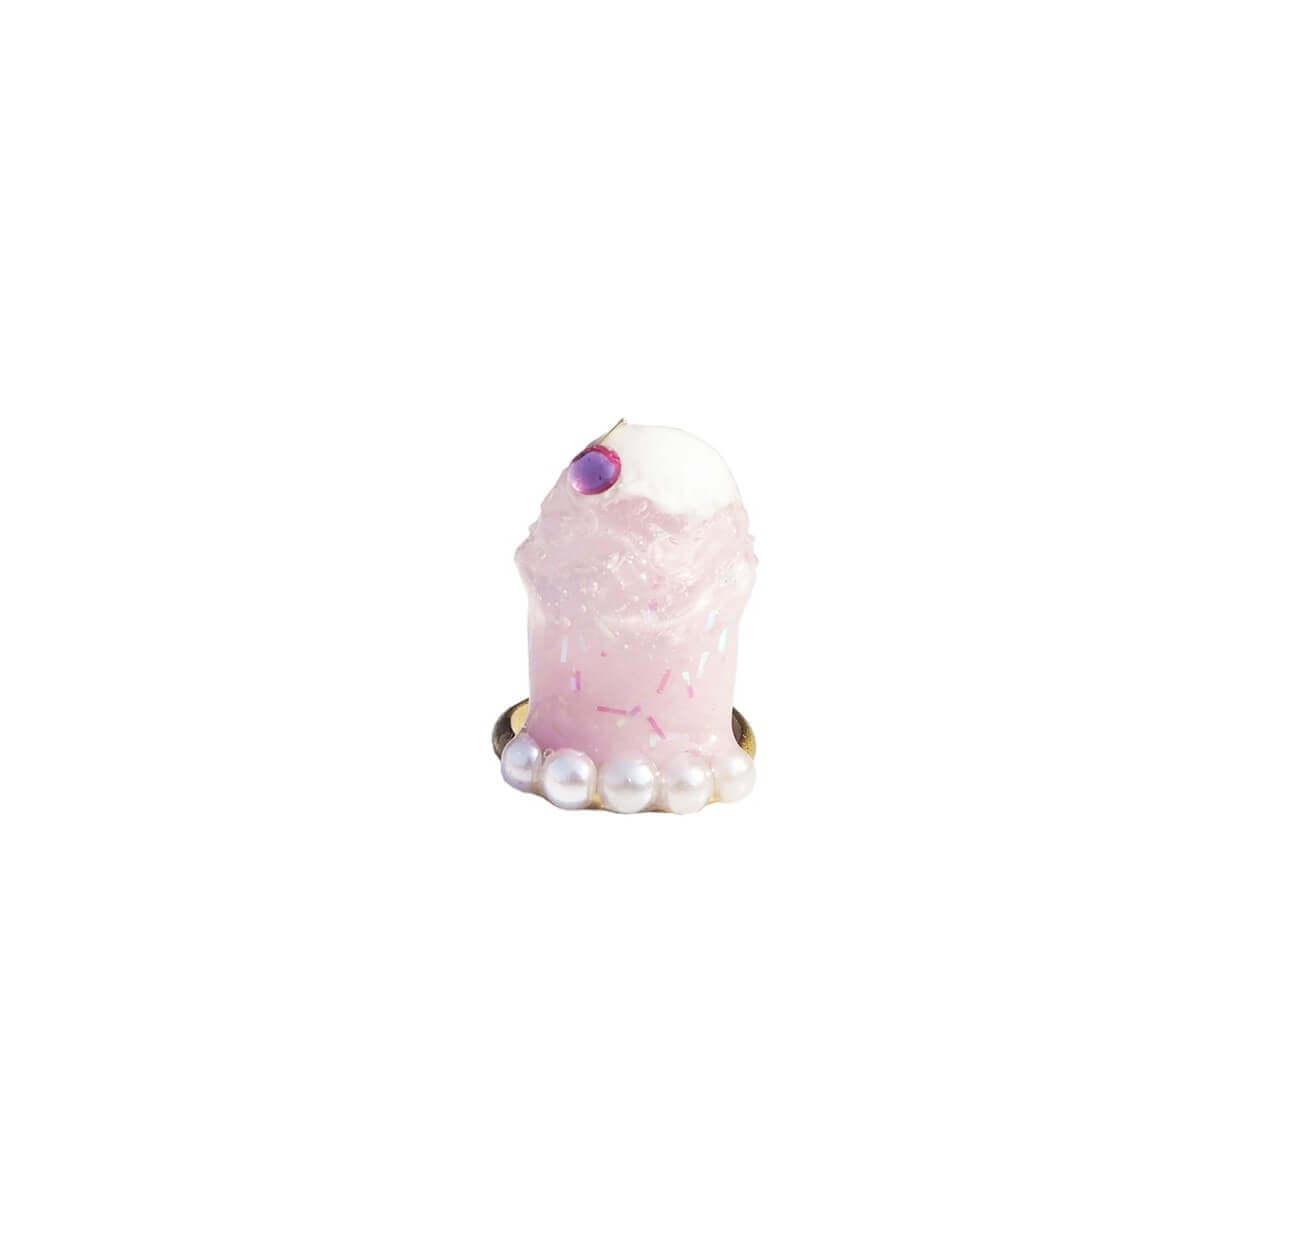 なかやまちえこDesign Ring クリームソーダ ピンク/¥4,730(税込み)